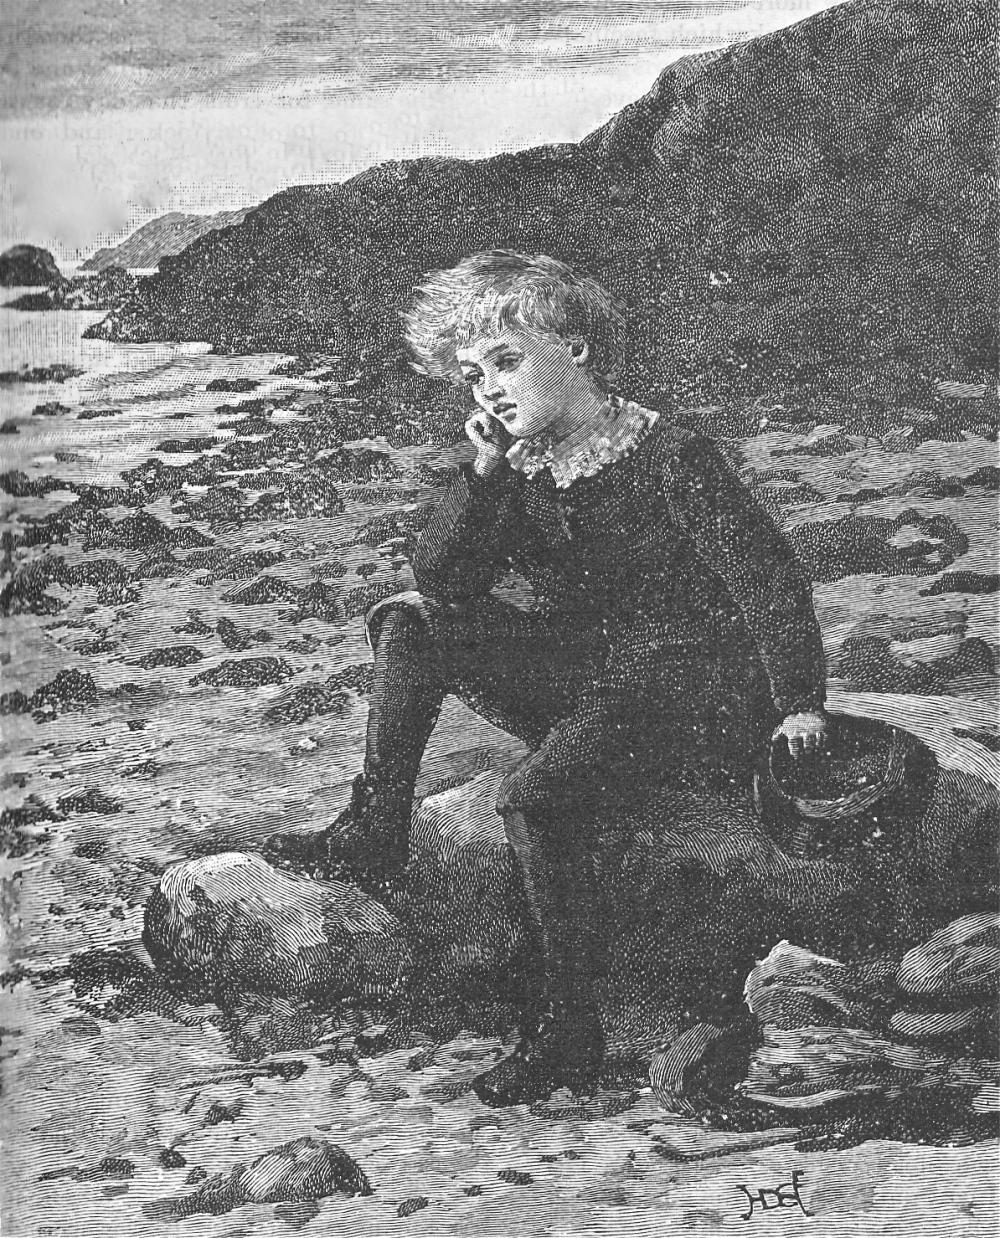 Little lad sat on the beach